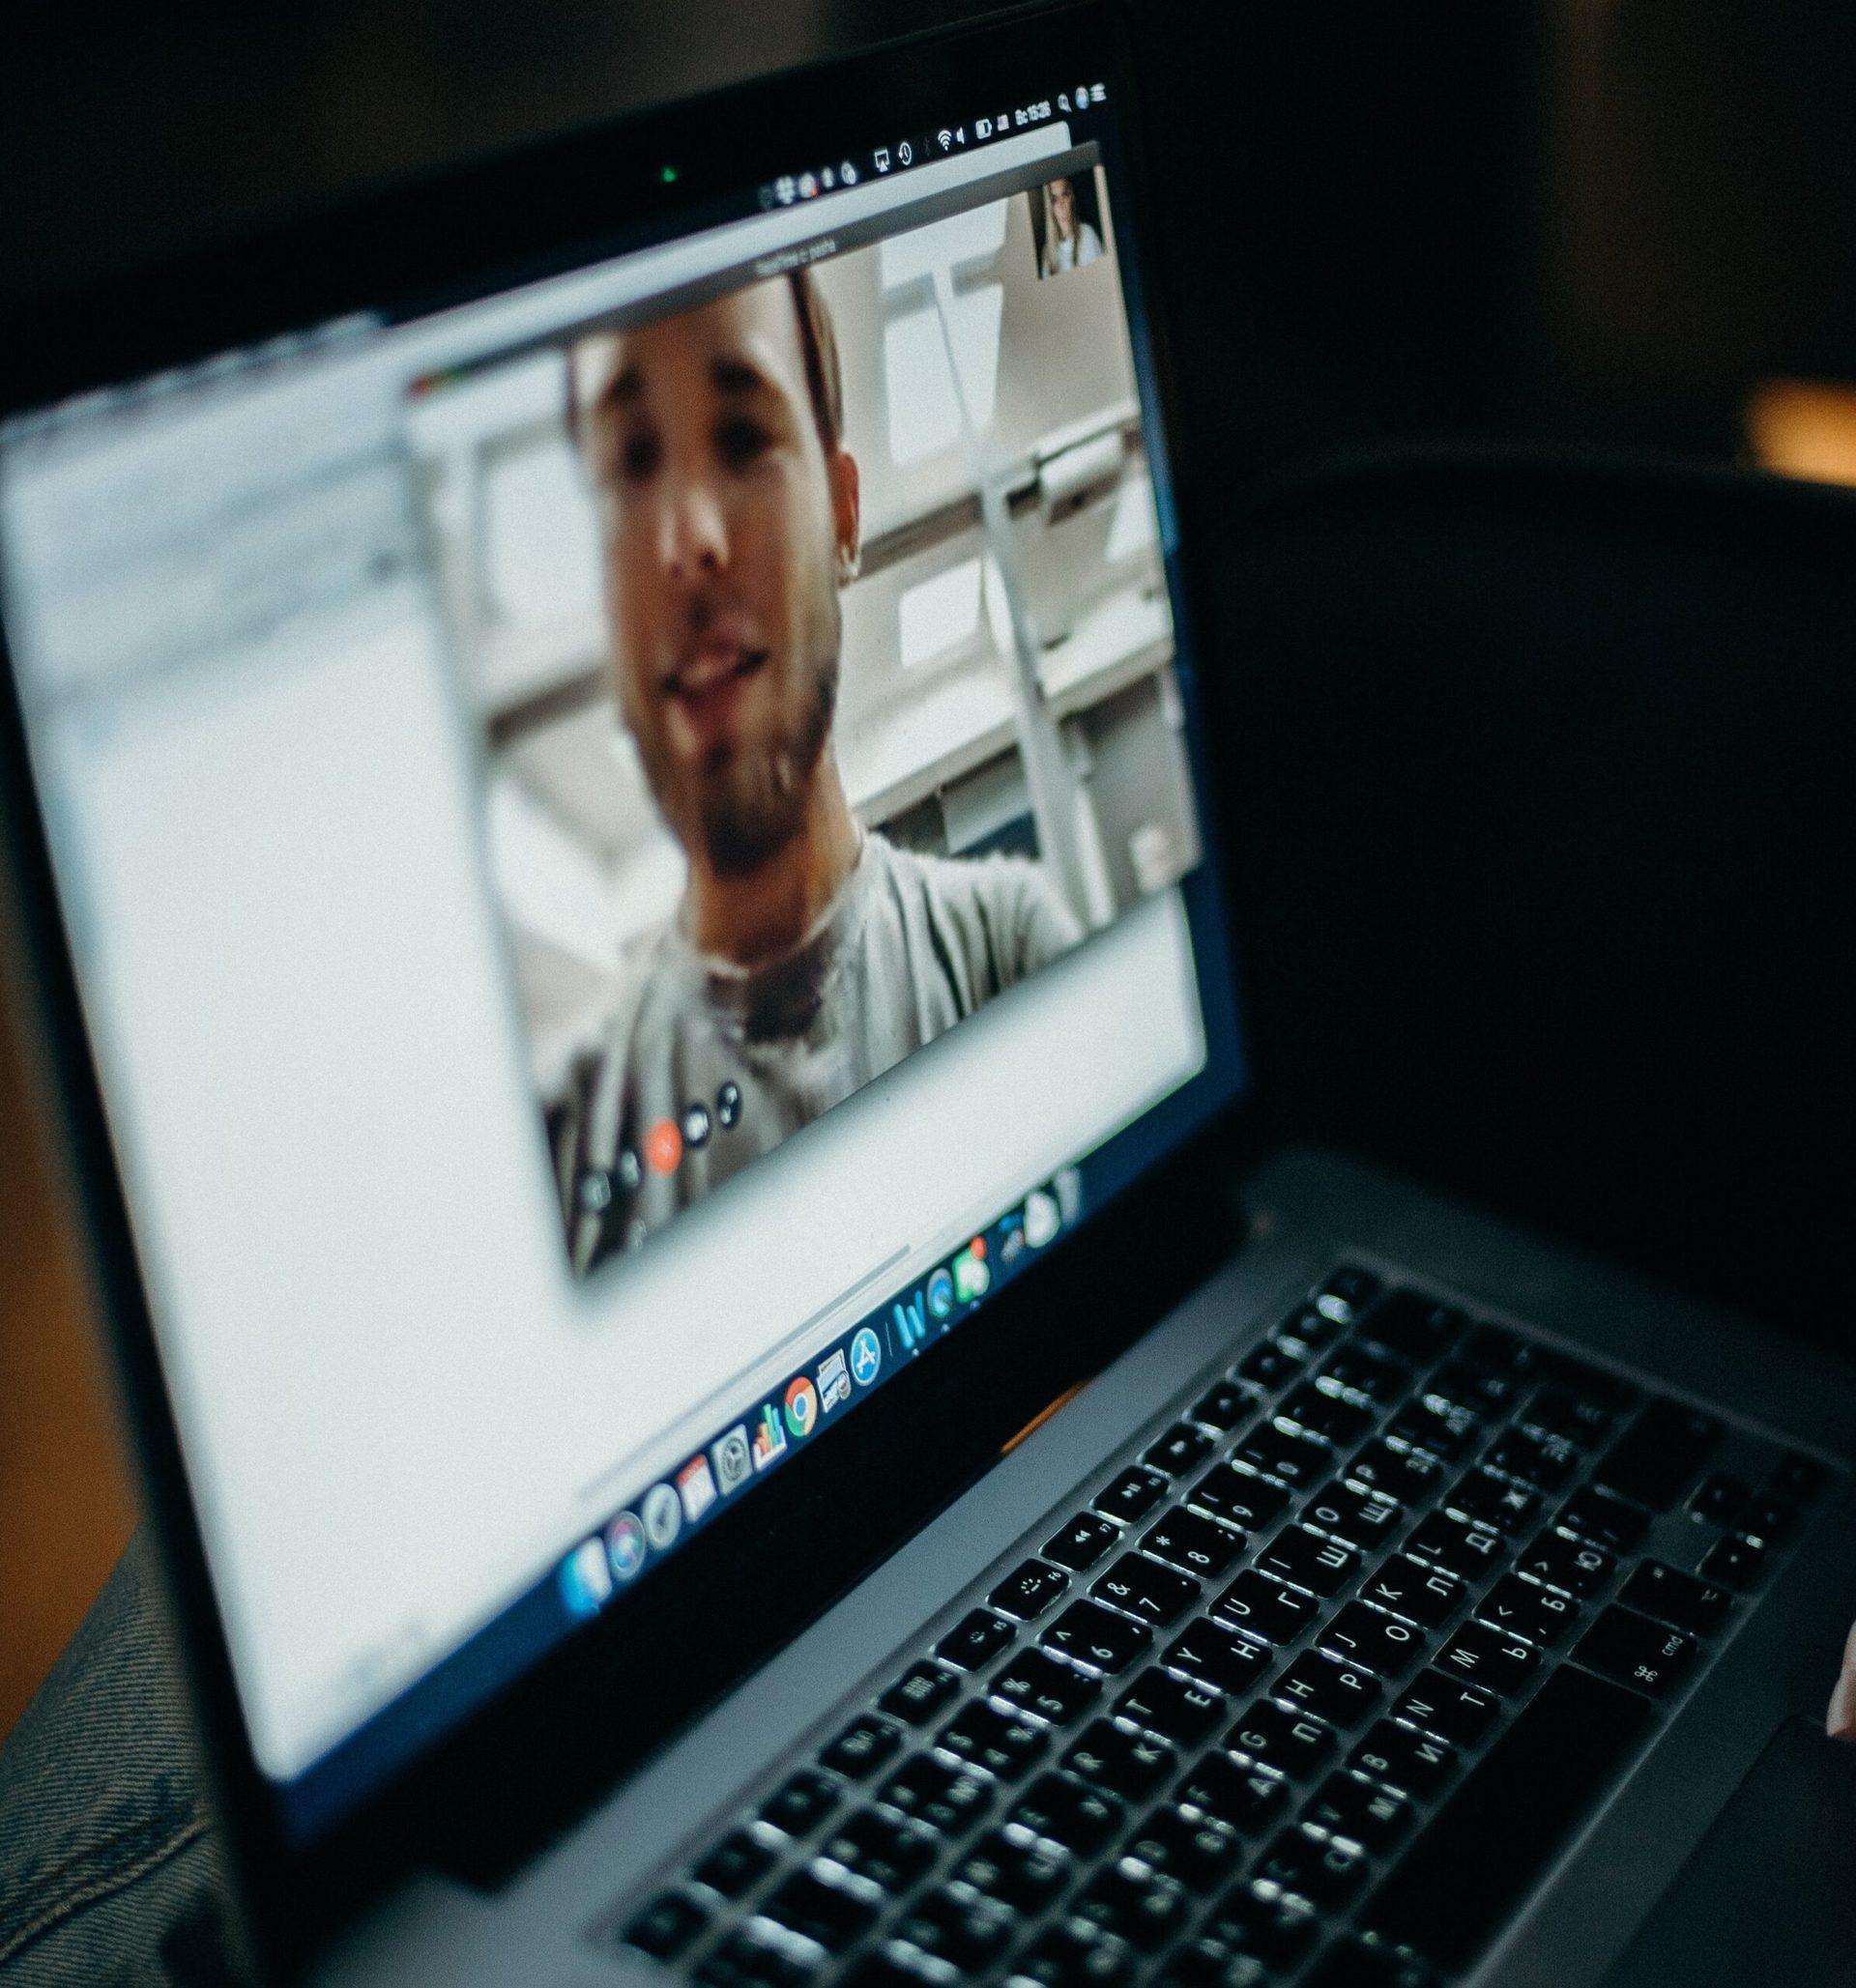 Eingeschaltetes Macbook - cottonbro - (c) Pexels